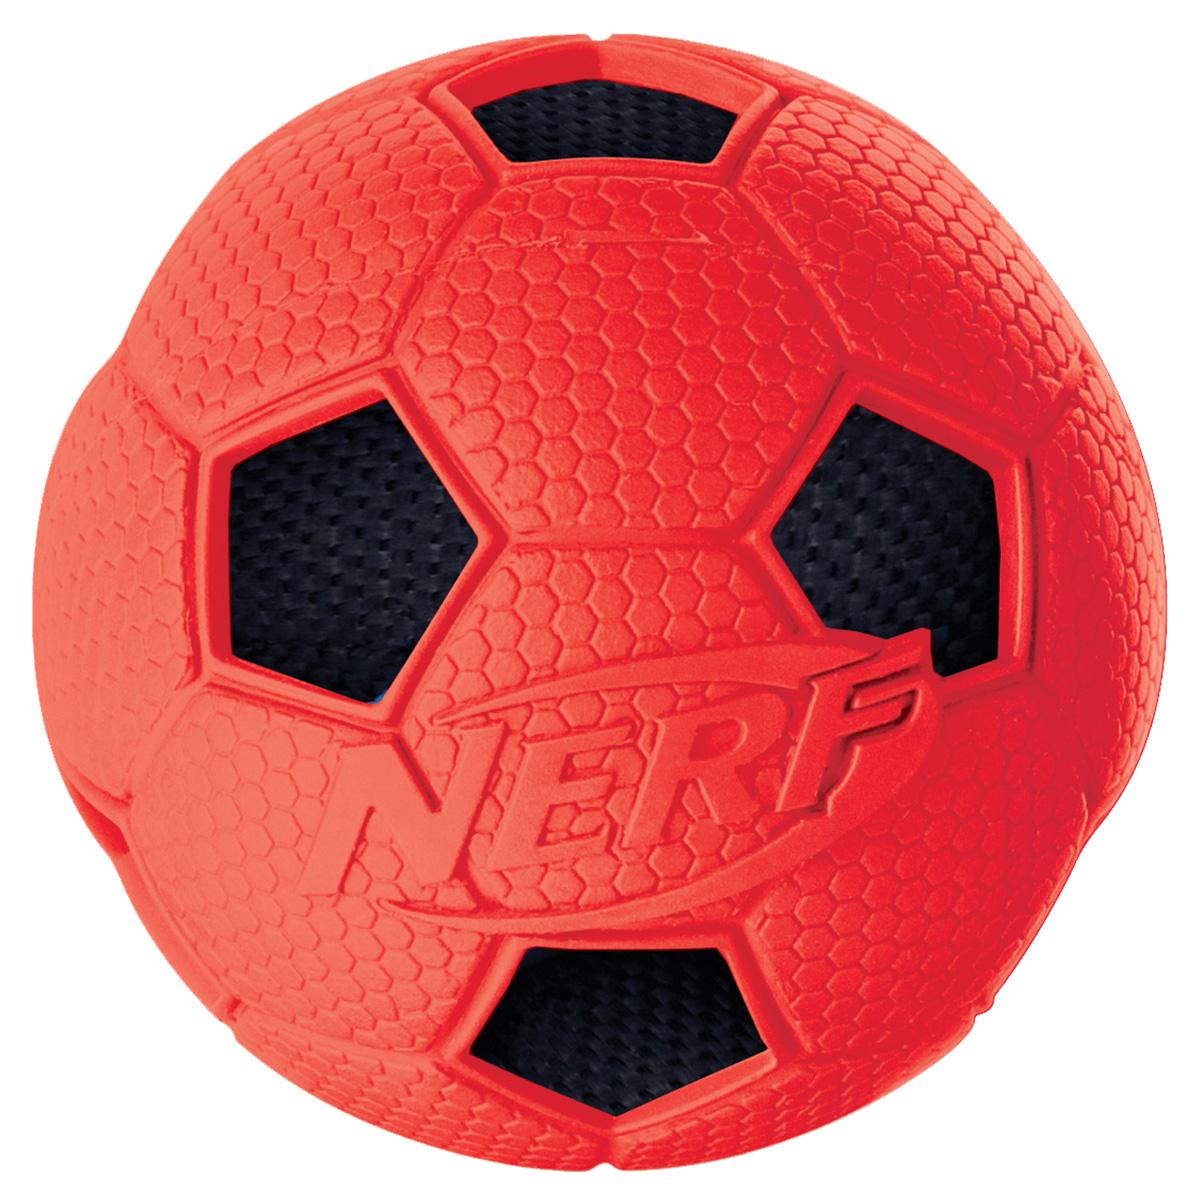 Игрушка для собак Nerf Мяч футбольный, цвет: красный, черный, диаметр 6 см0120710Мяч Nerf с рельефным рисунком и нейлоновым хрустящим мячом внутри.Высококачественные прочные материалы, из которых изготовлена игрушка, обеспечивают долговечность использования.Звук мяча дополнительно увлекает собаку игрой.Яркие привлекательные цвета.Размер: 6 см, S.